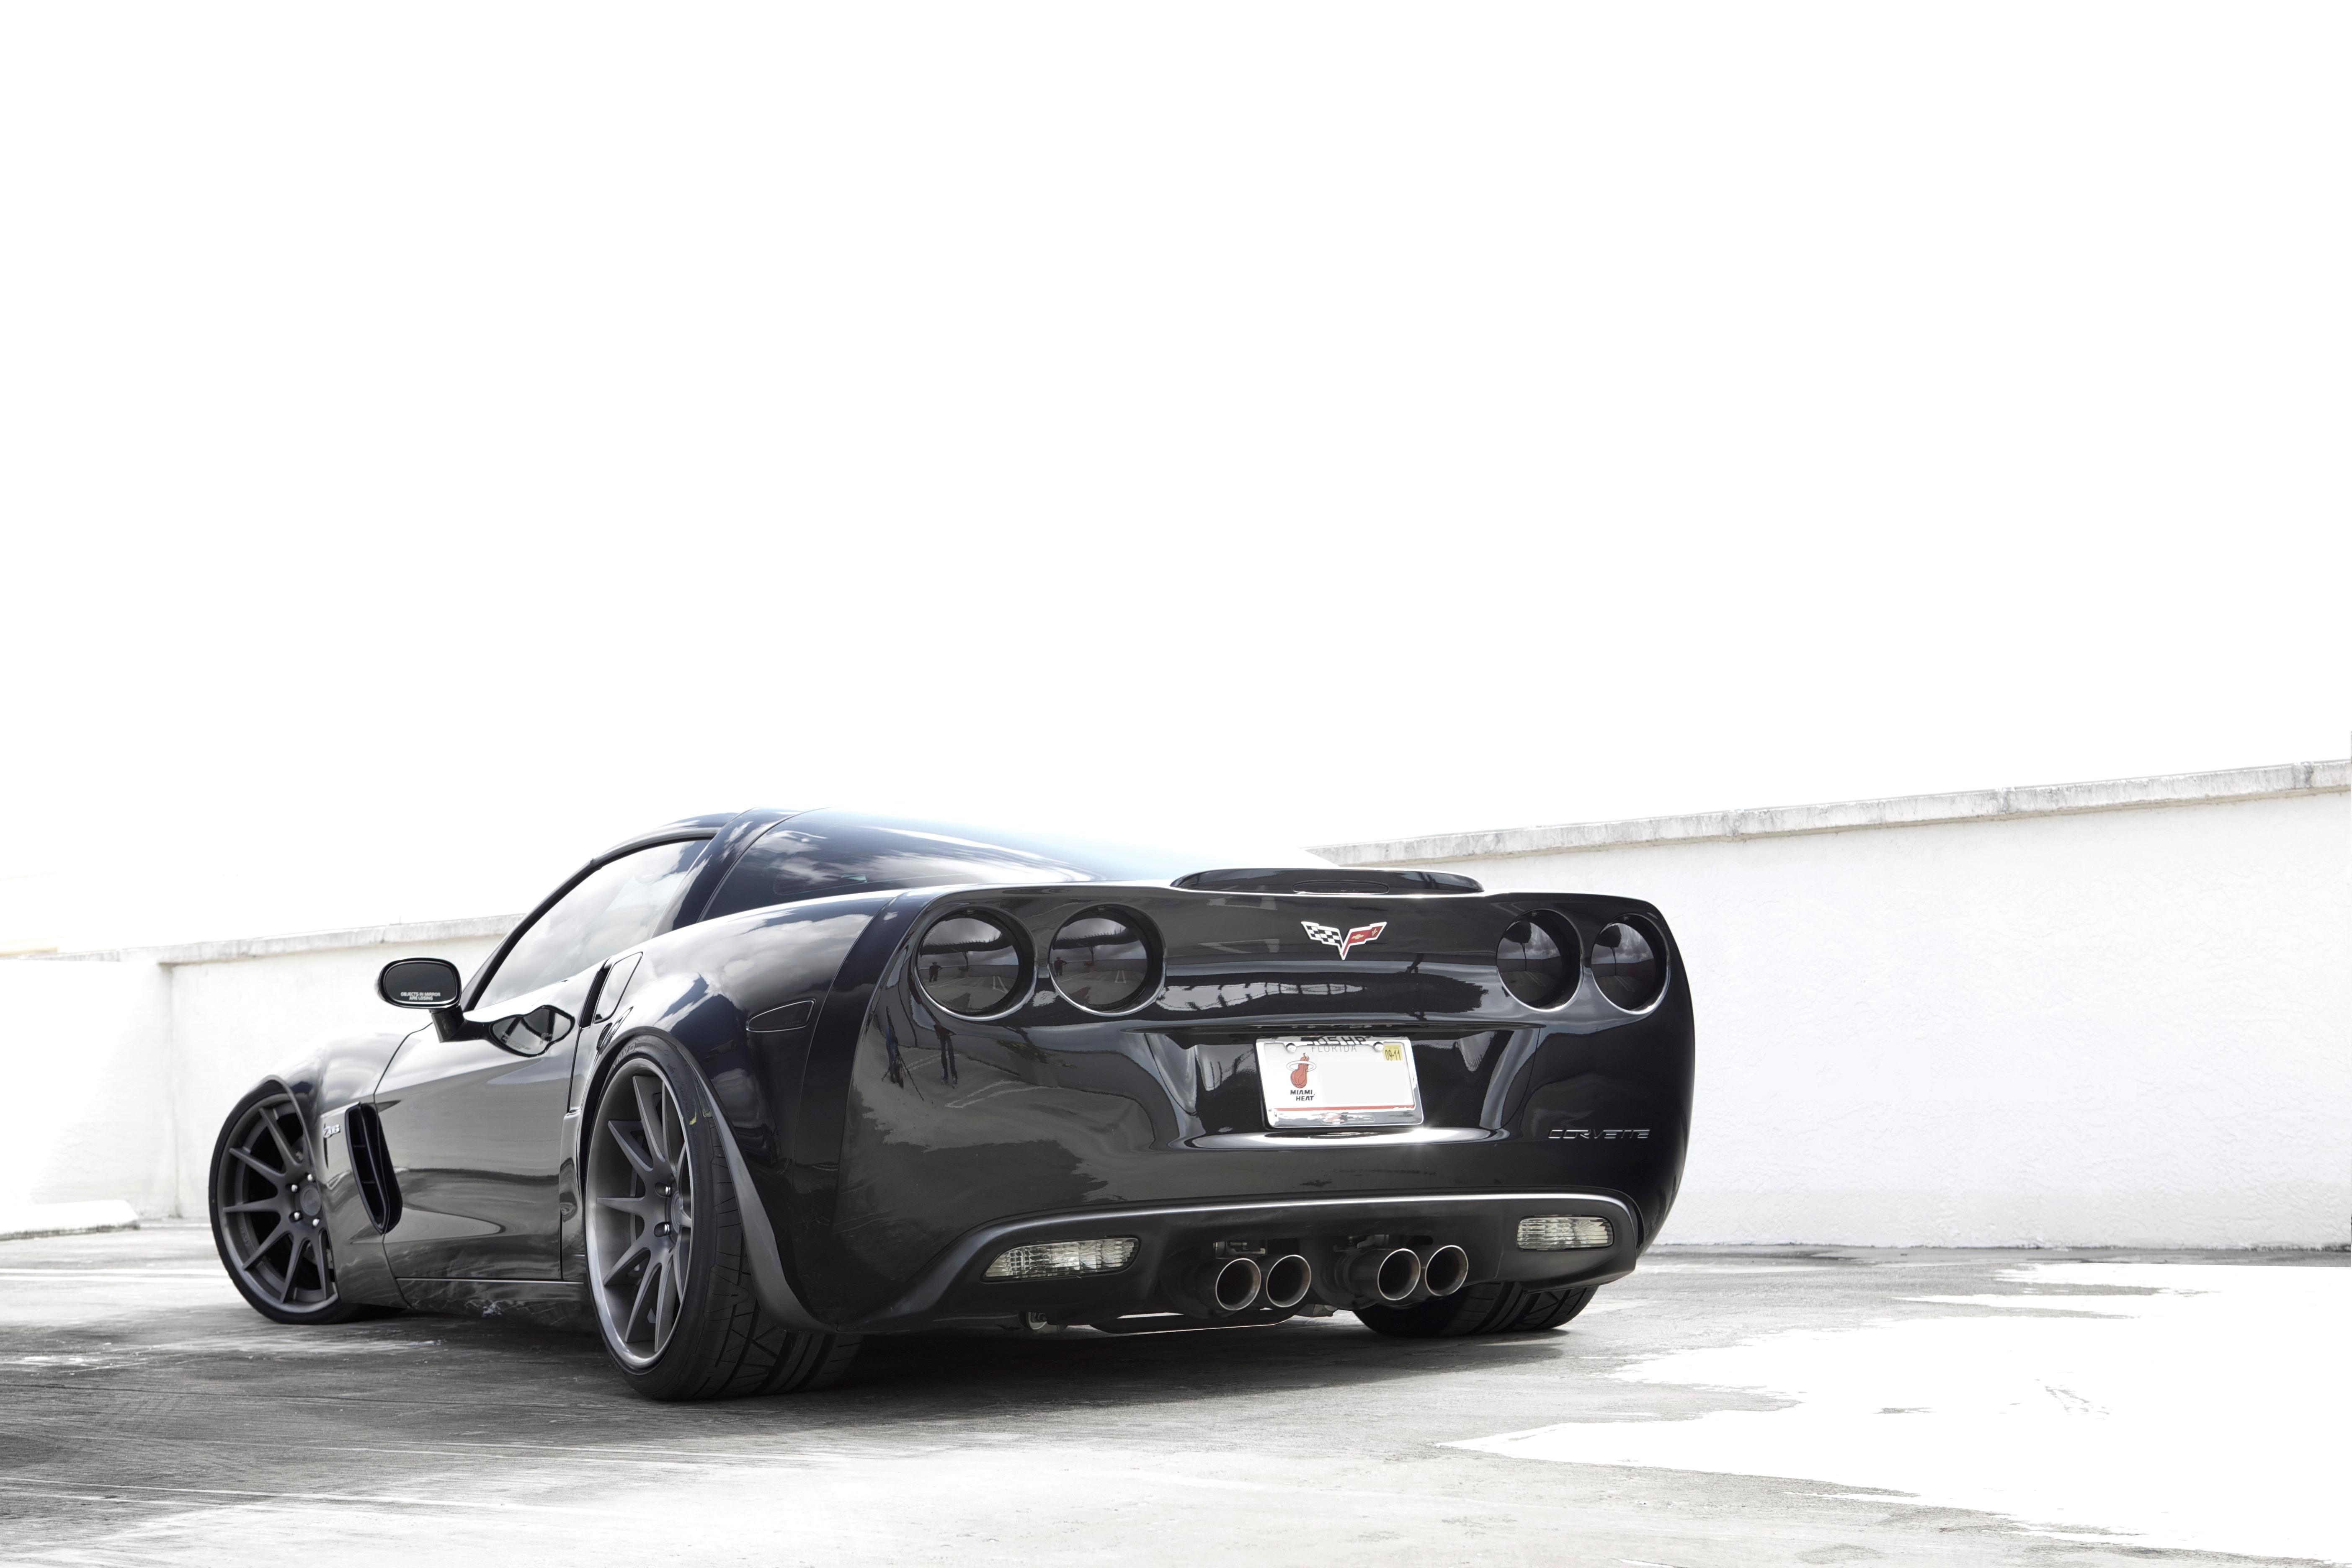 123125 Hintergrundbild herunterladen Auto, Cars, Autos, Chevrolet-Korvette, Chevrolet Corvette, Z06 - Bildschirmschoner und Bilder kostenlos